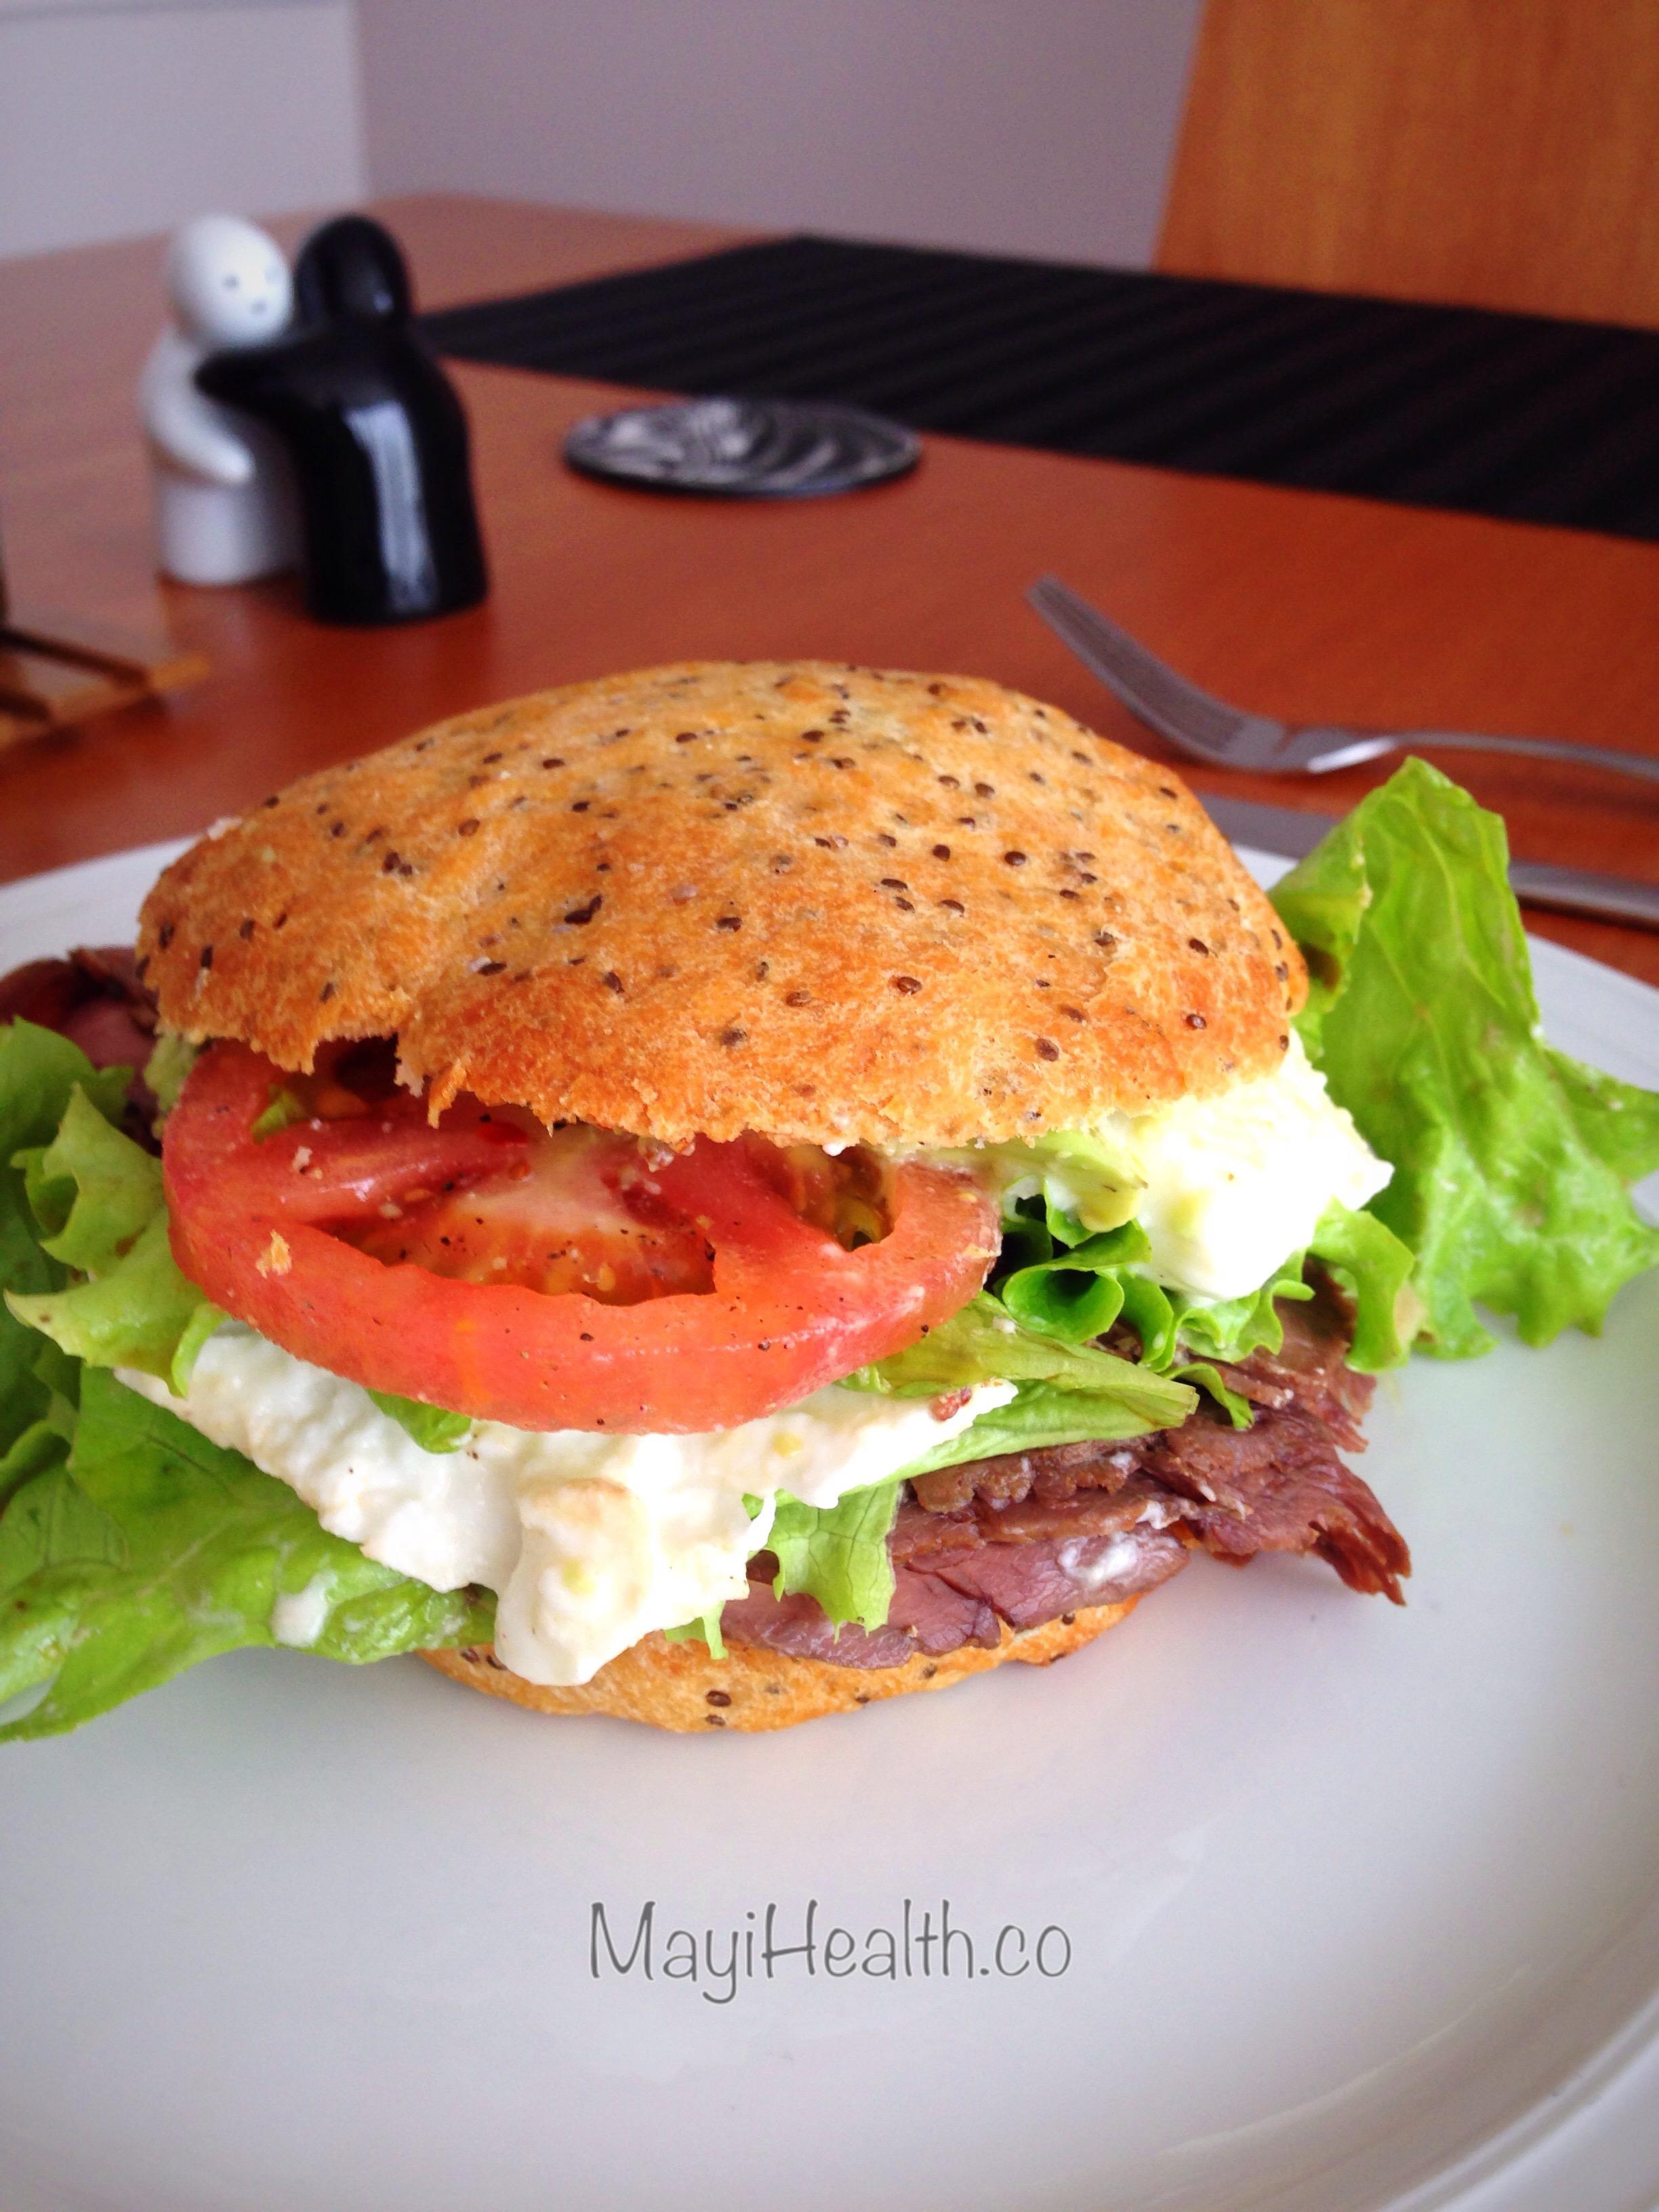 receta de sandwich de Roast Beef y Mozzarella fesca